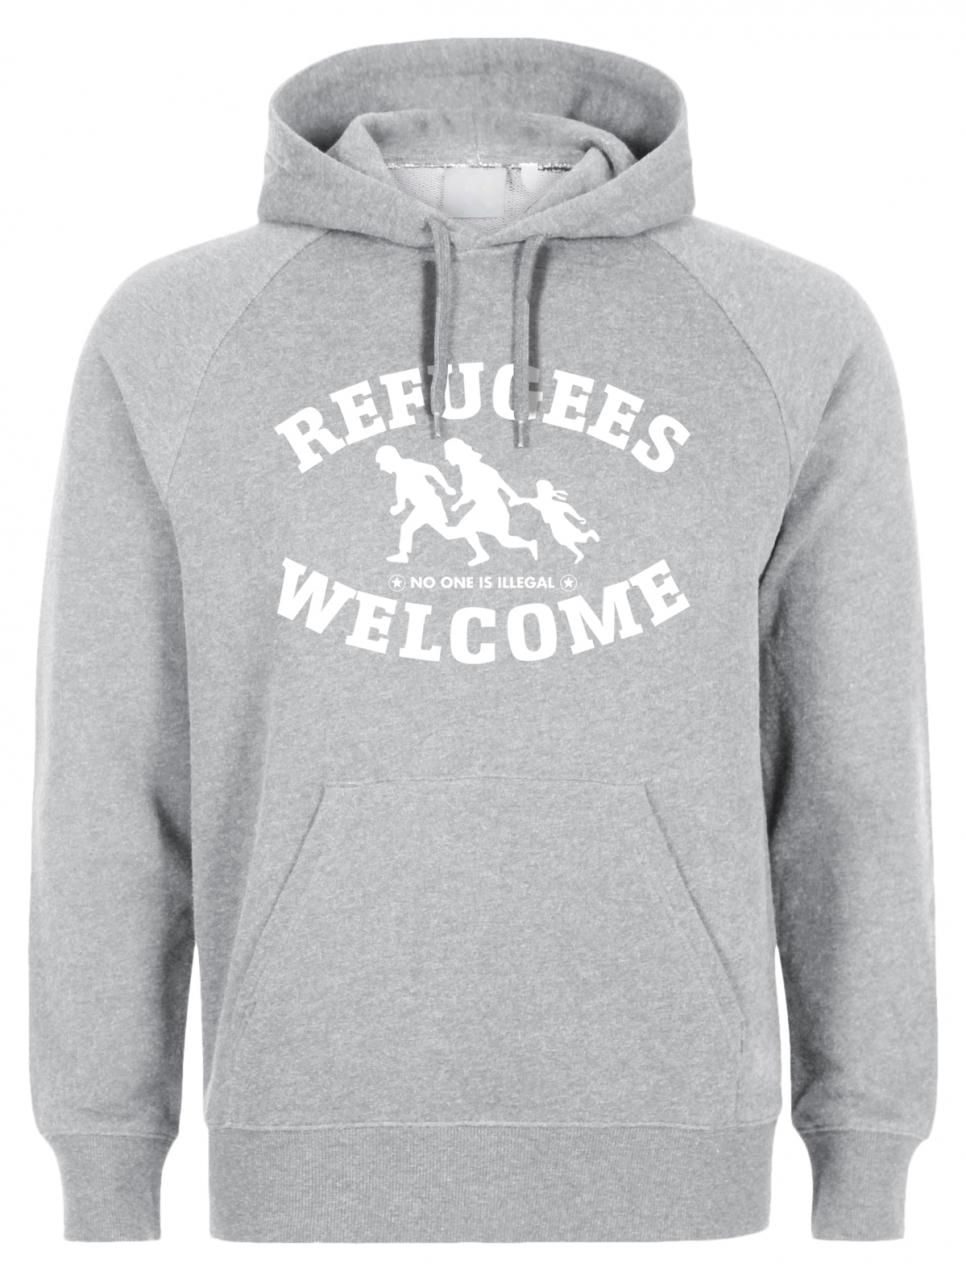 Refugees welcome Hoody Grau mit weißer Aufschrift - No one is illegal